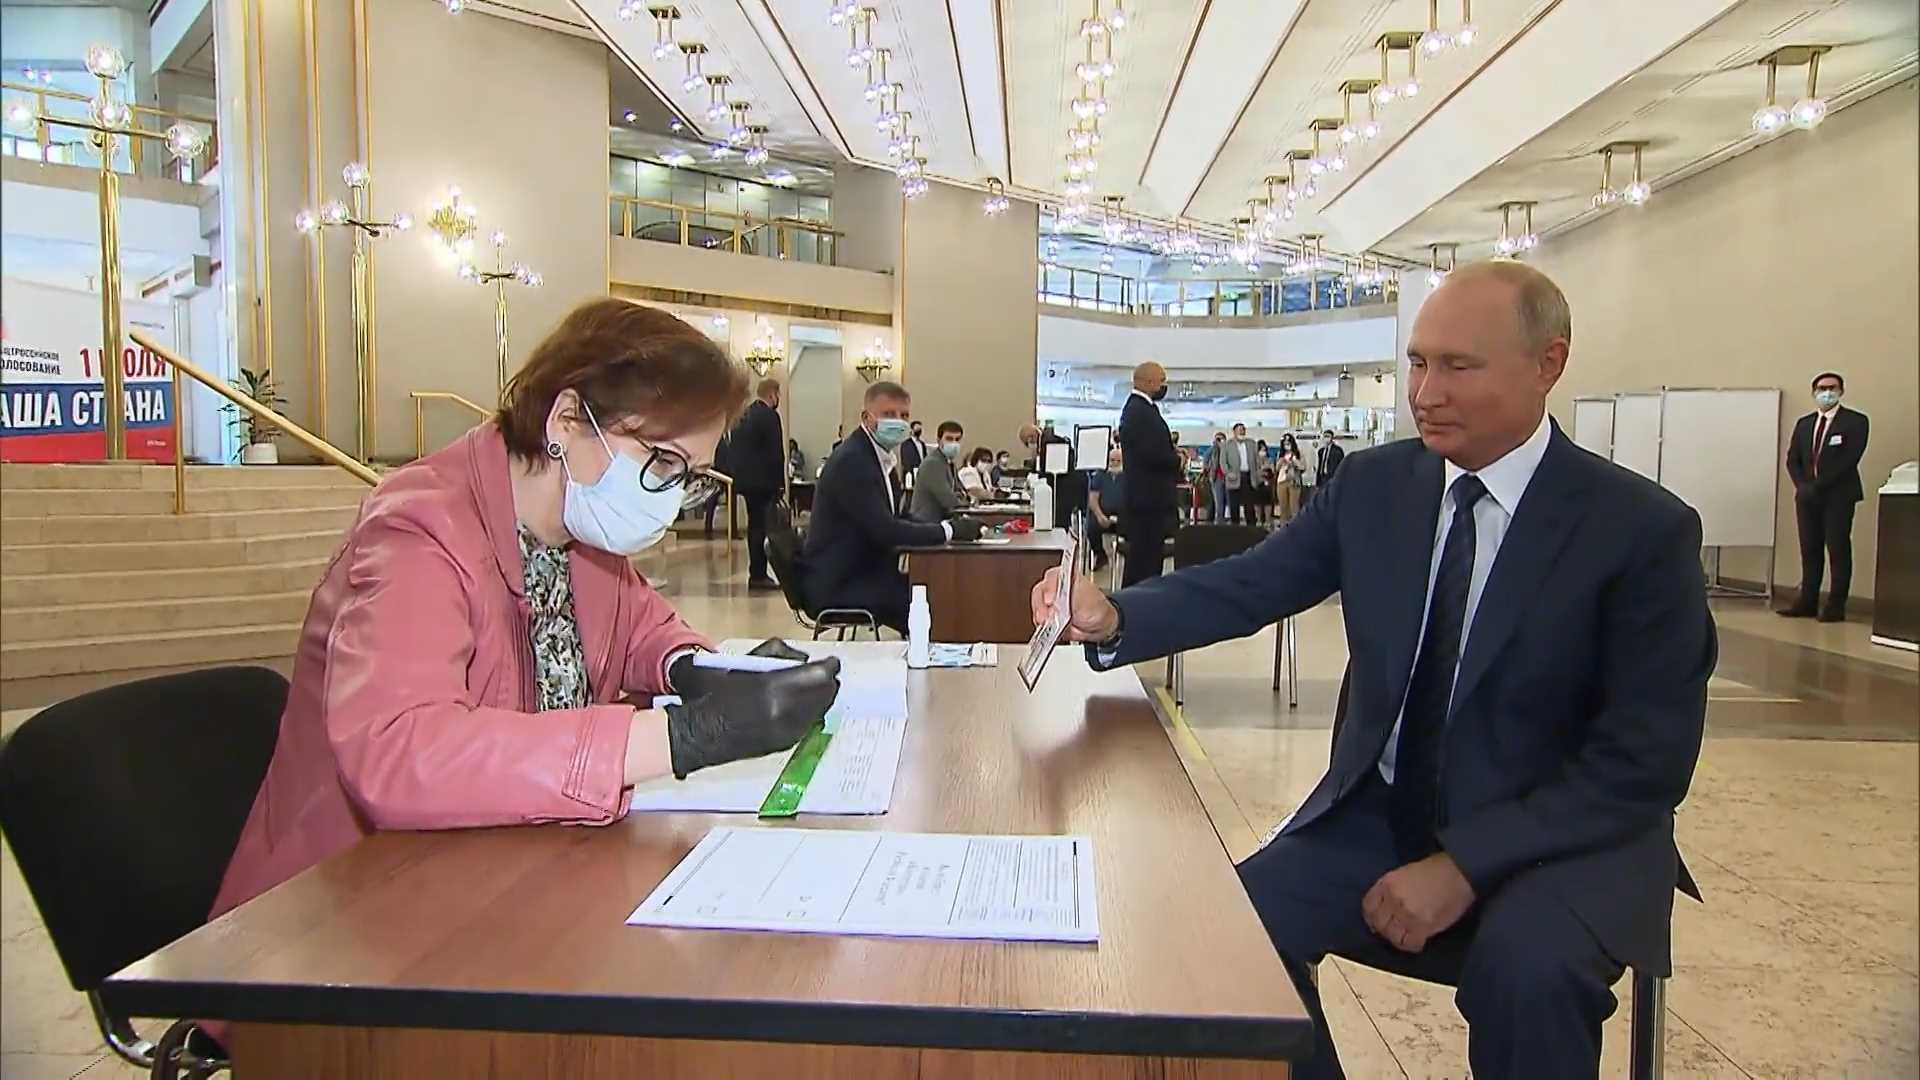 Непривитый В.В Путин голосует за обнуление себе сроков без маски. Никакой ответственности за нарушение коронавирусных ограничений В.В. Путин не понес/ Фото: nts-tv.com